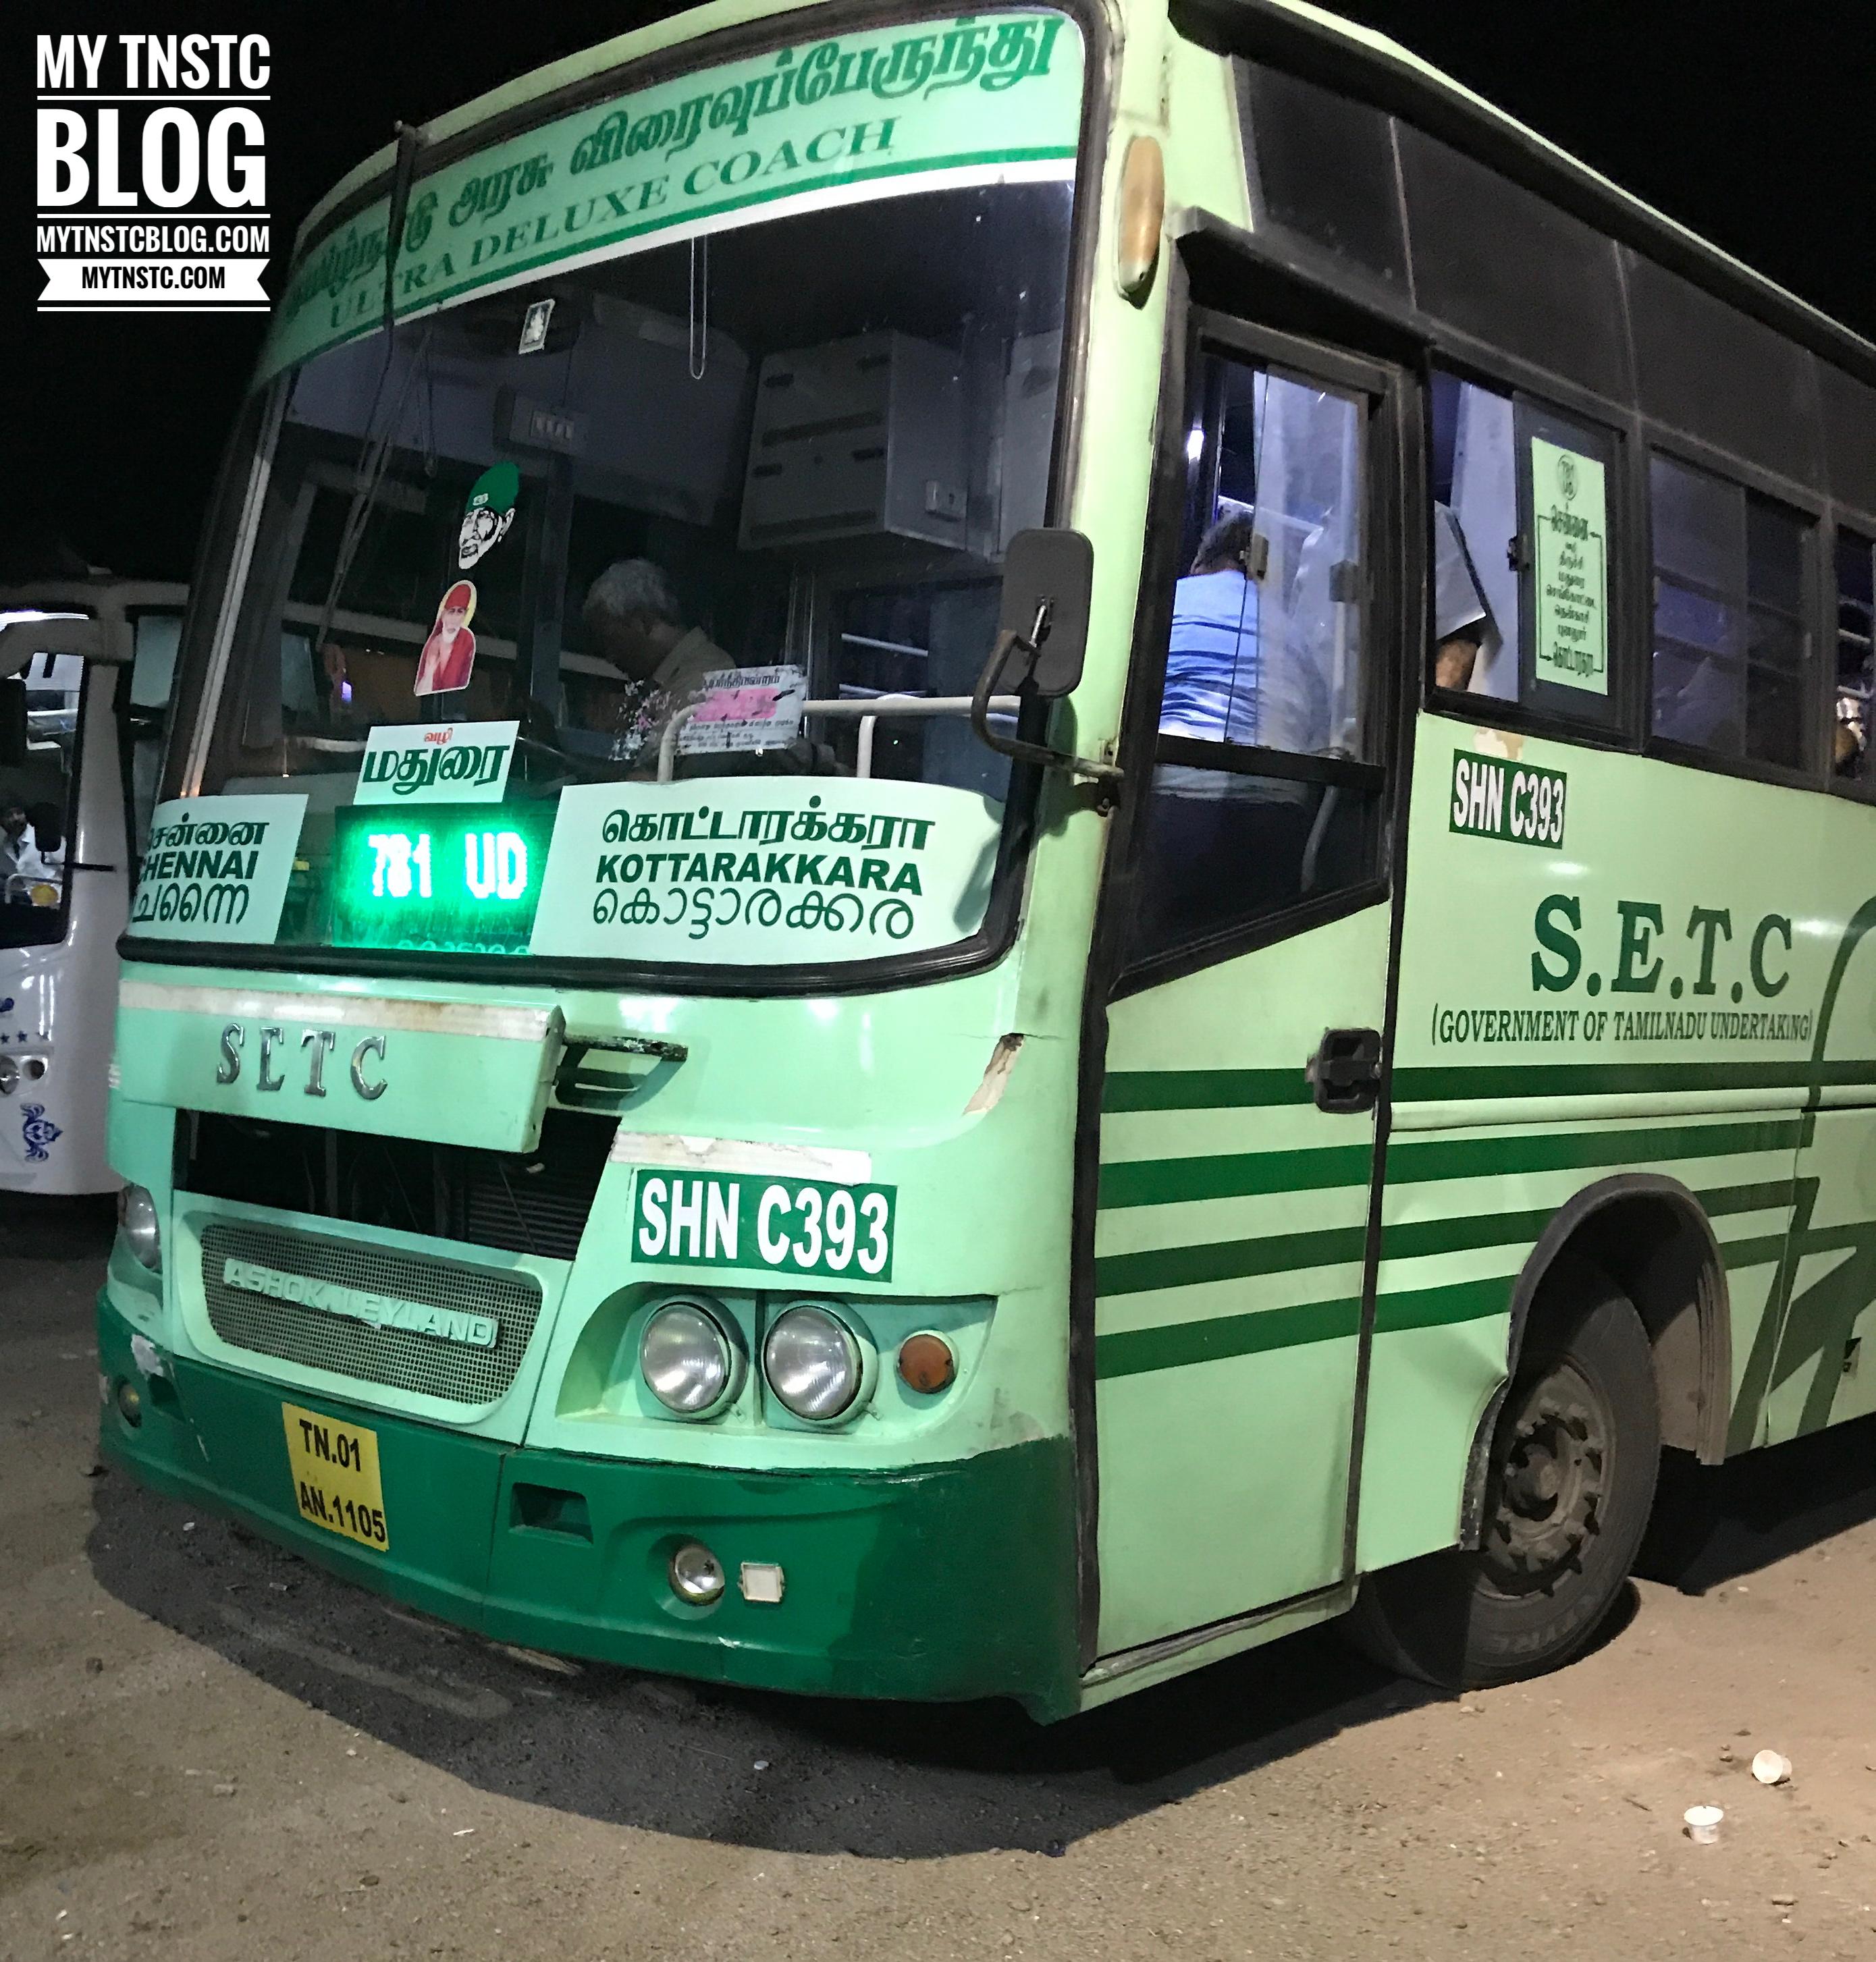 Chennai To Kottarakara via Shencottah Punalur 781 UD